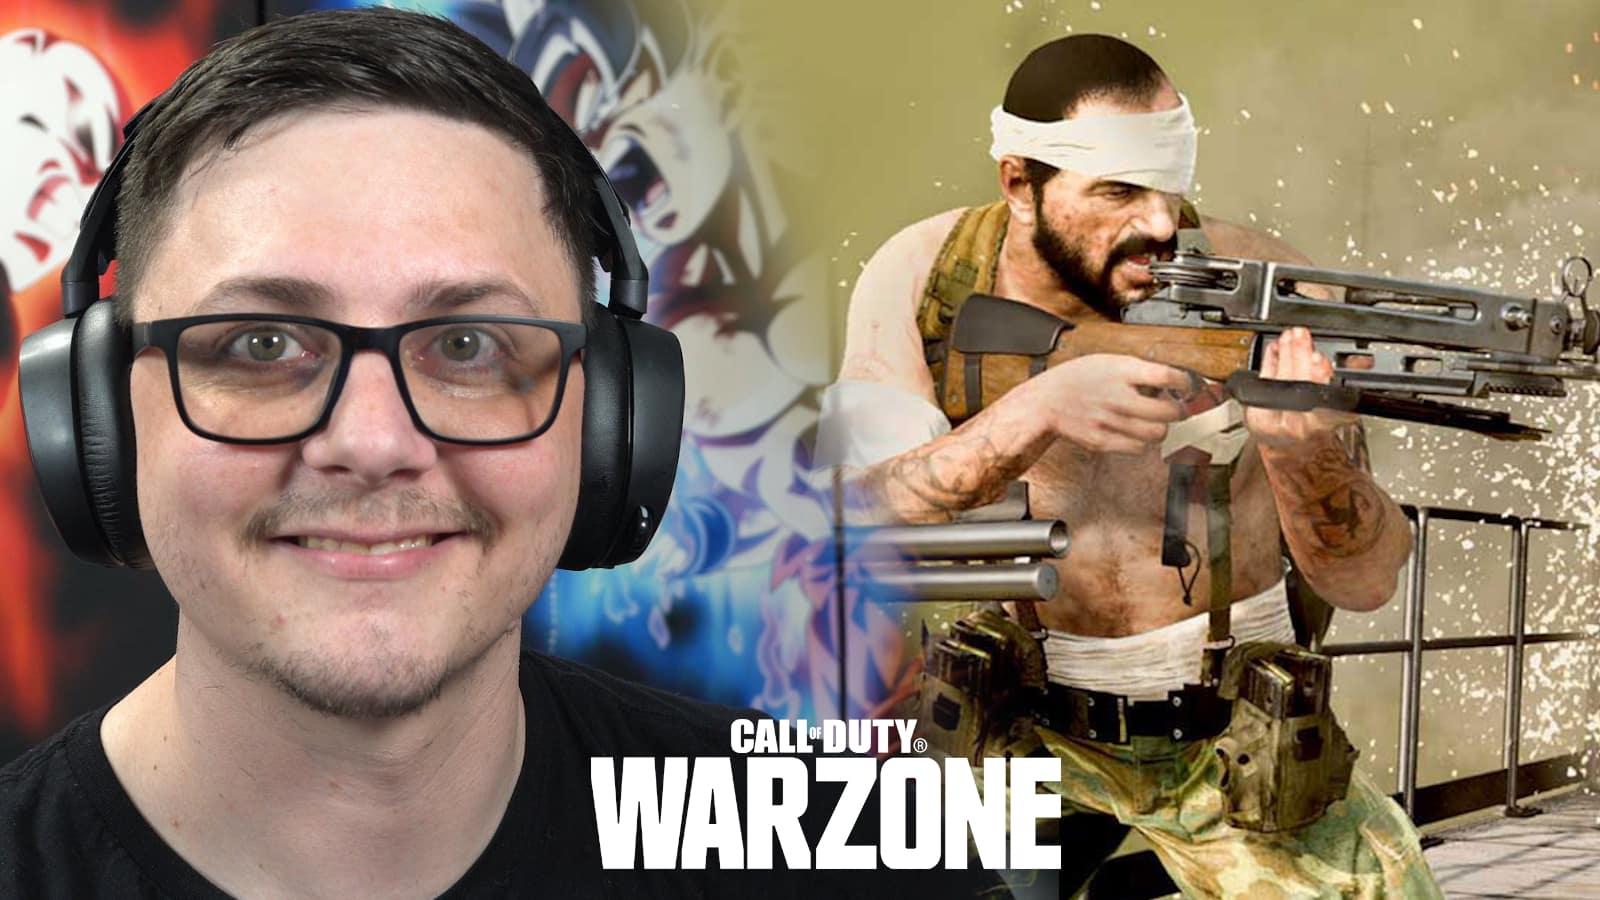 Le gourou de Warzone JGOD montre comment les kill cams peuvent faire ressembler les joueurs normaux à des pirates